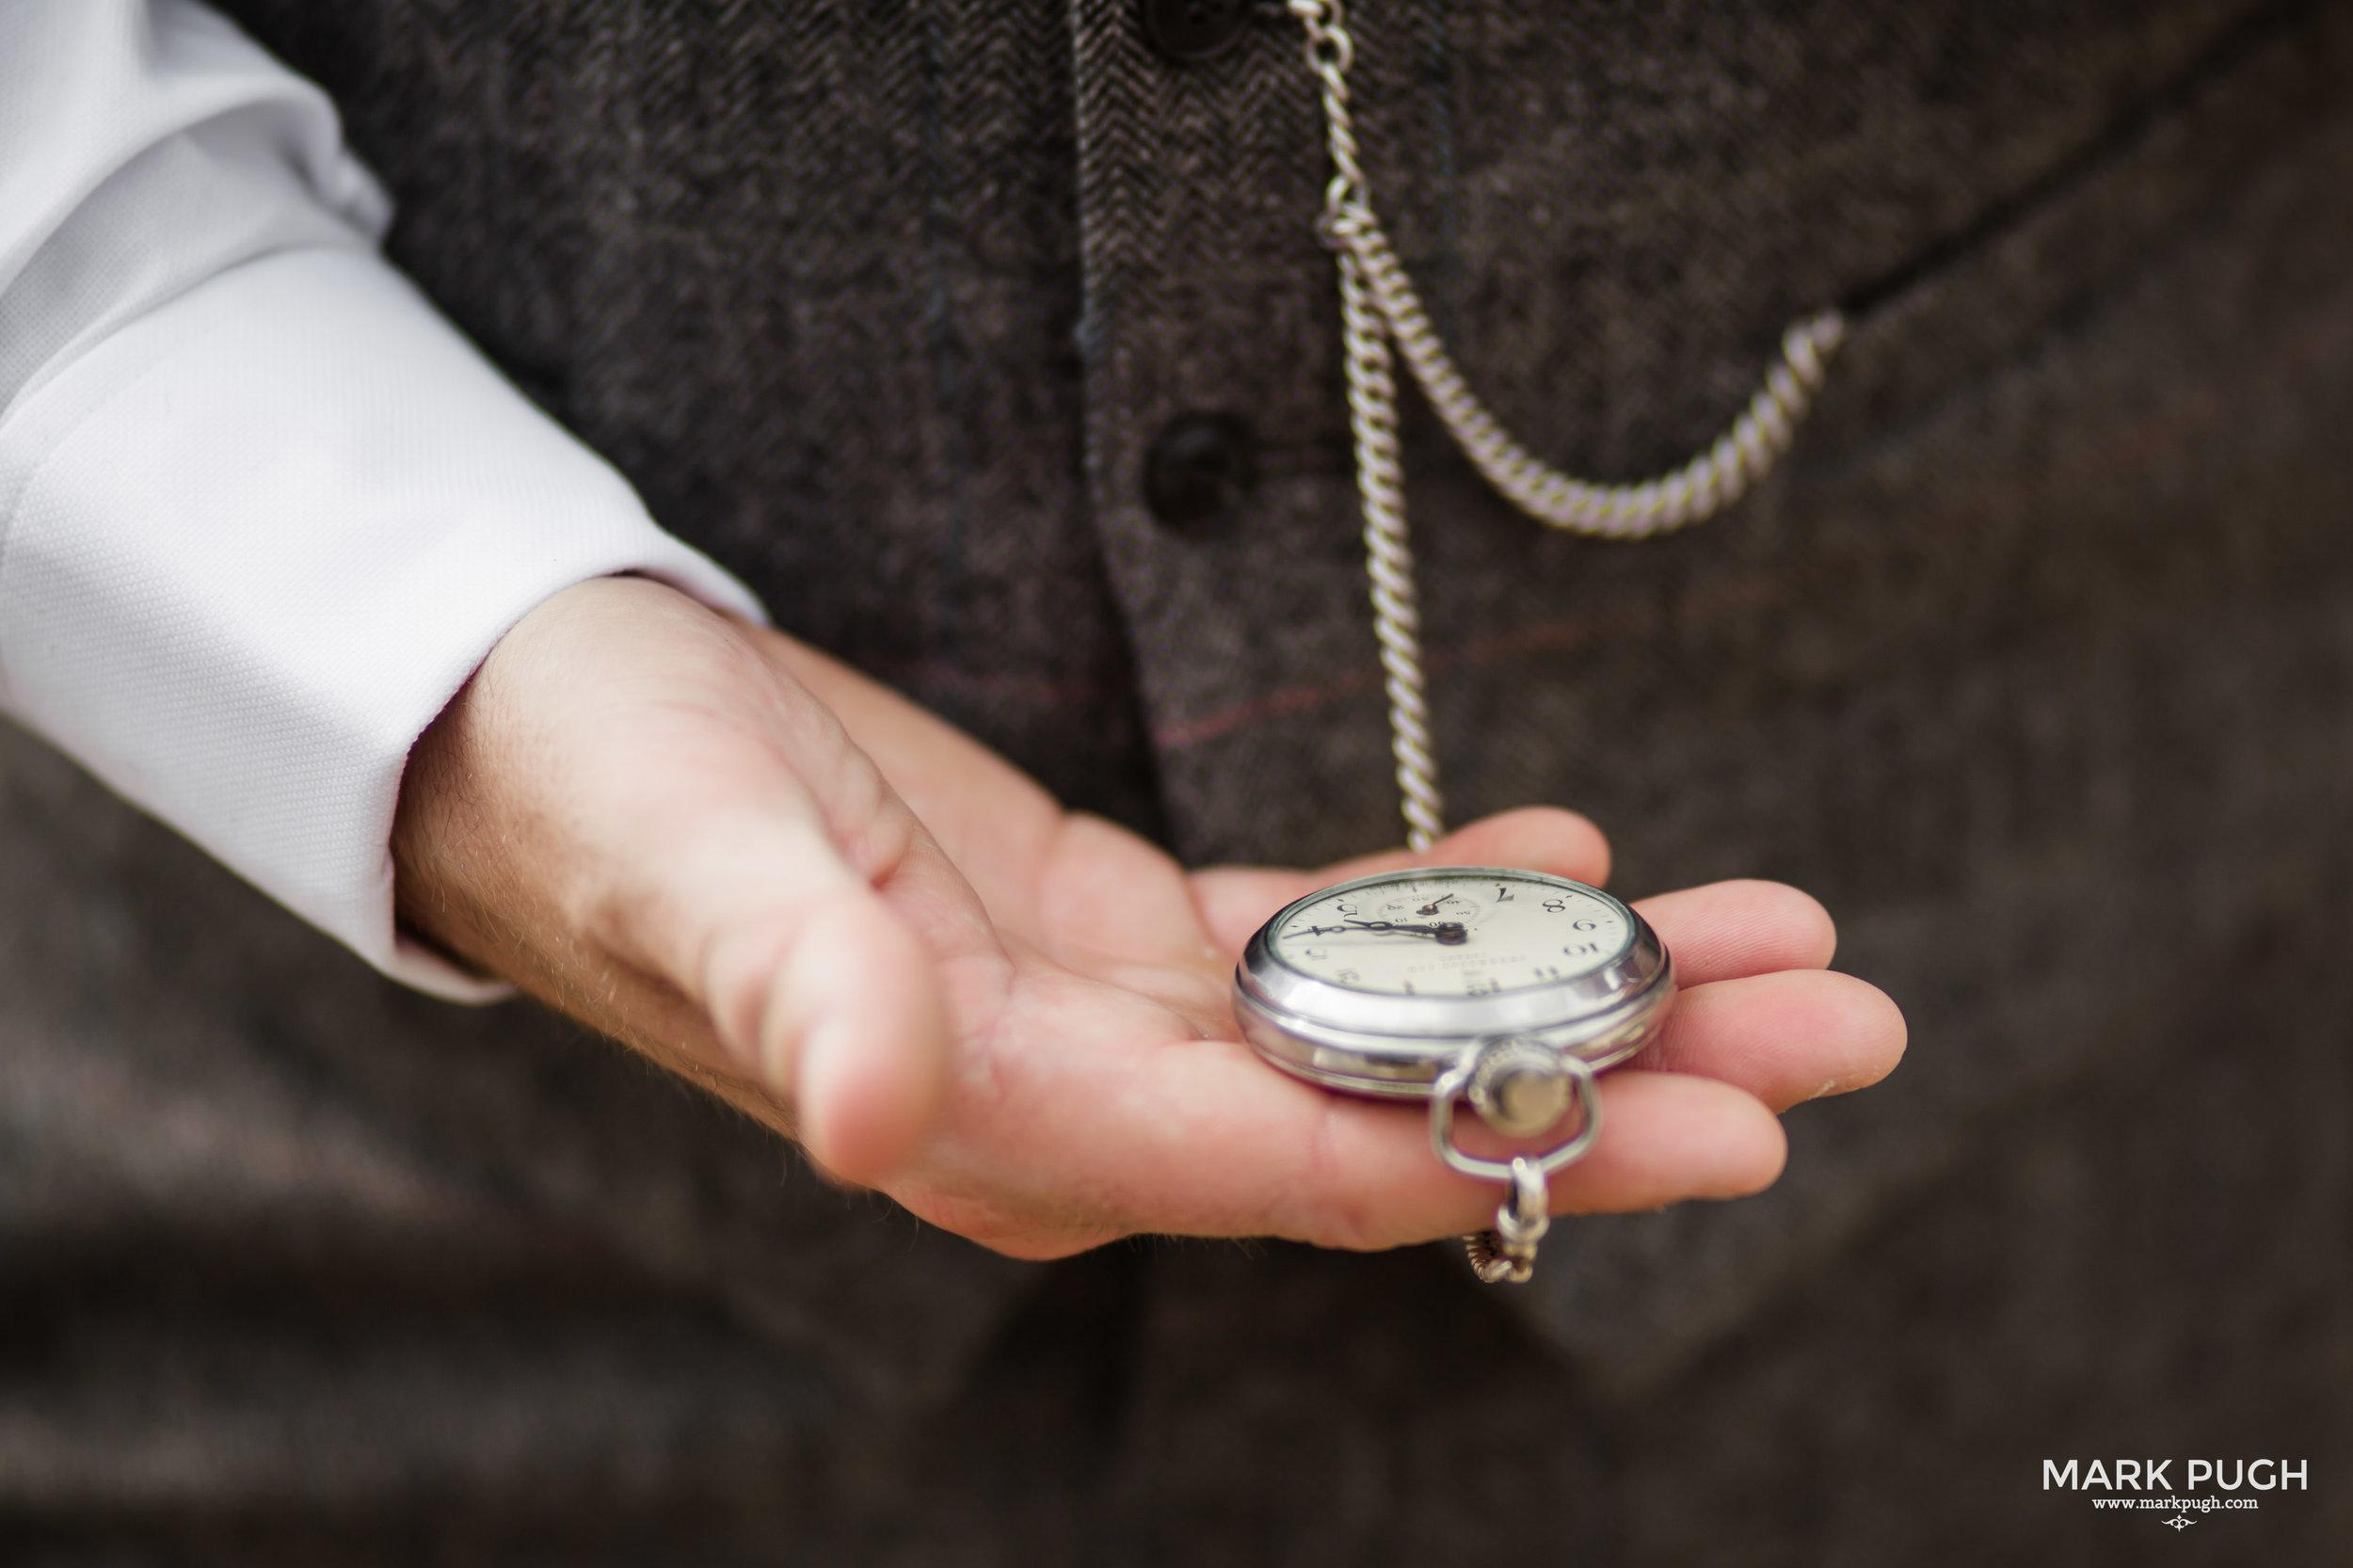 148 - fineART photography by www.markpugh.com Mark Pugh of www.mpmedia.co.uk_.JPG